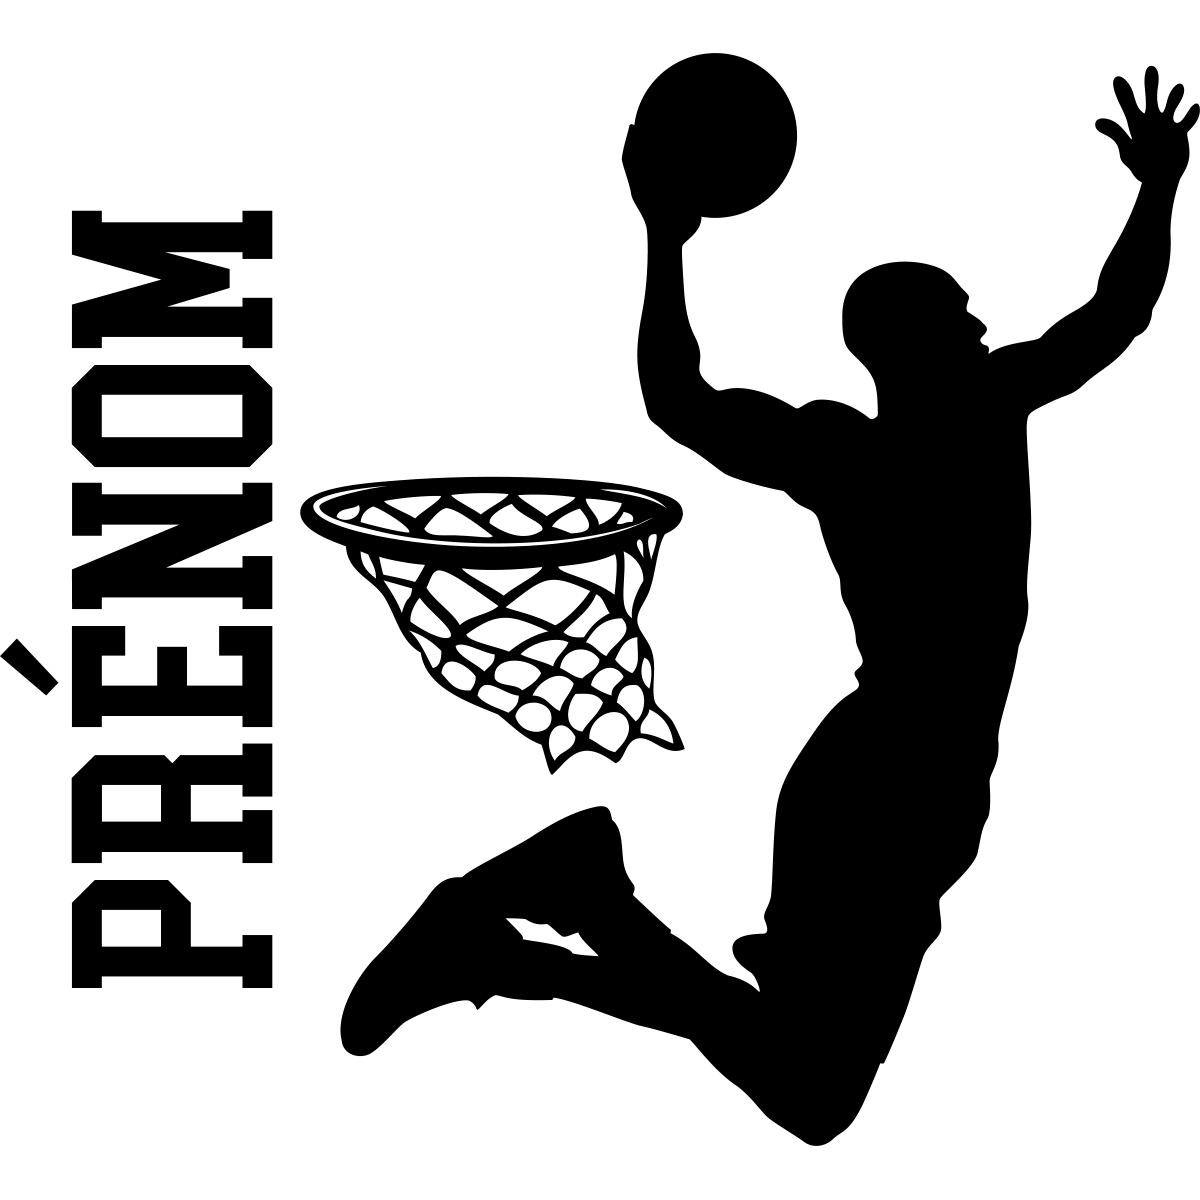 Wunderschön Wandtattoo Basketball Beste Wahl Sticker-prenom-personnalise-basketteur-ambiance-sticker-name_si_0714.png